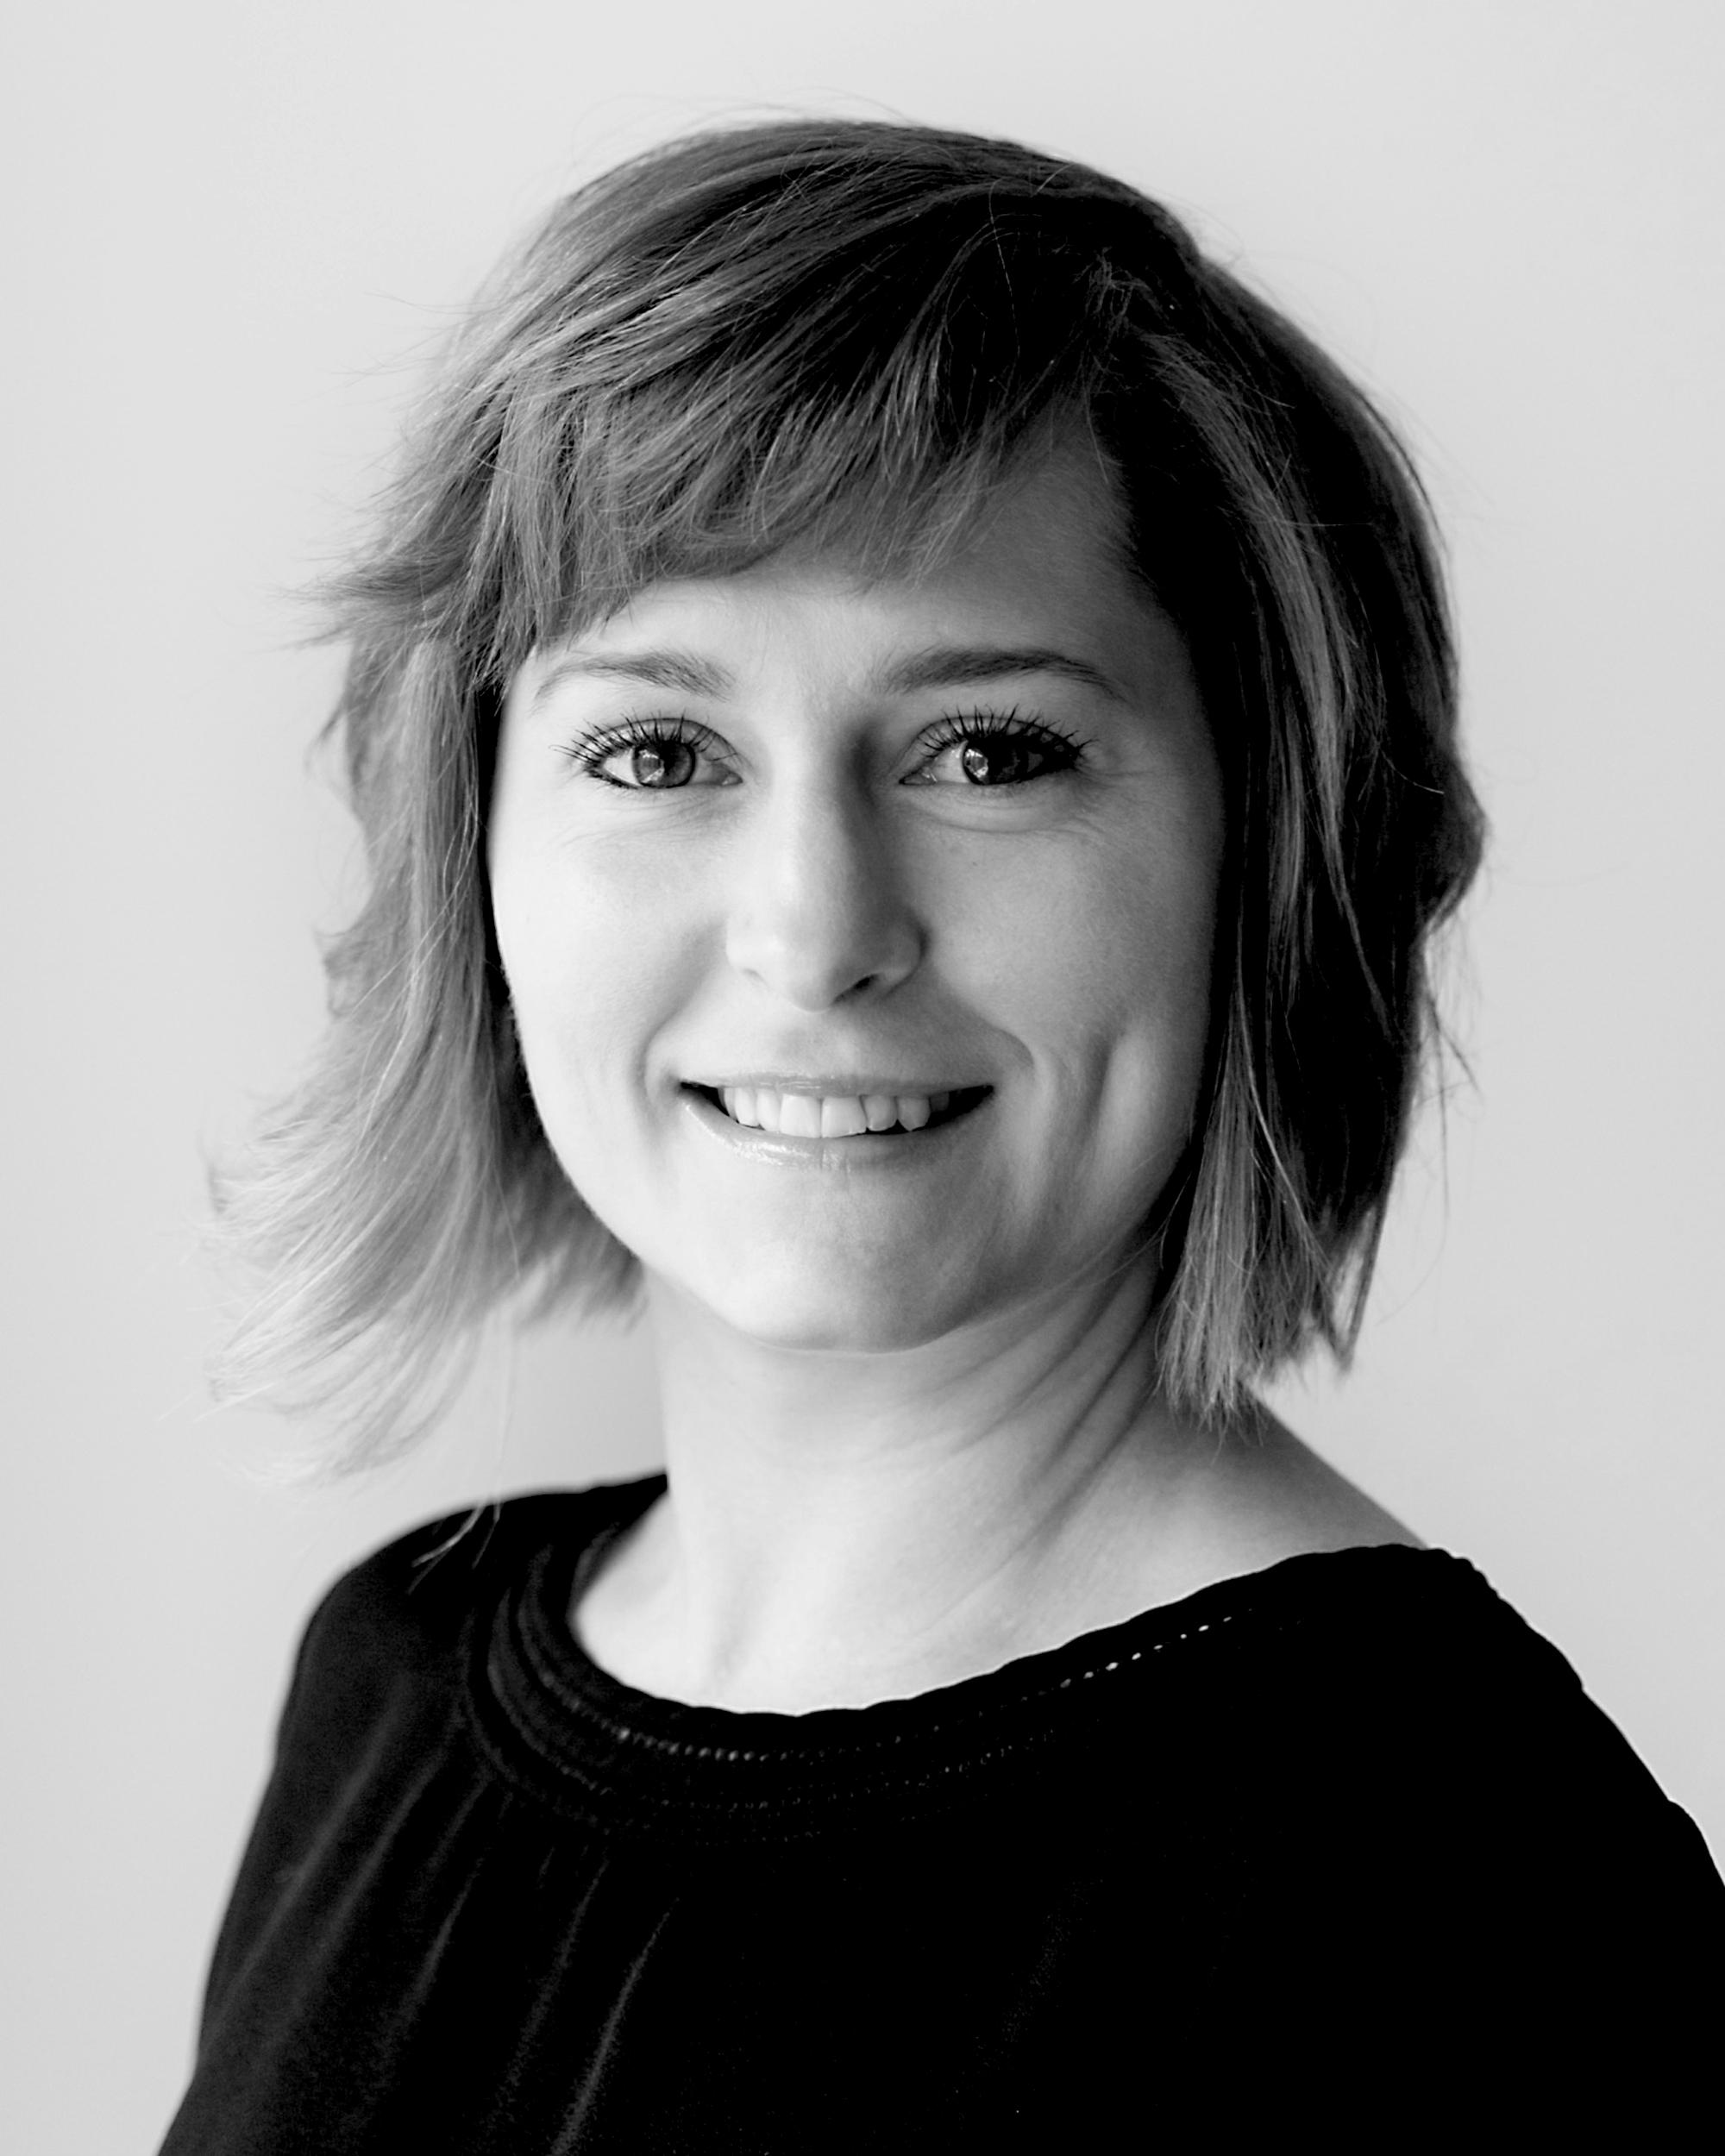 Headshot of Danielle Sernoskie